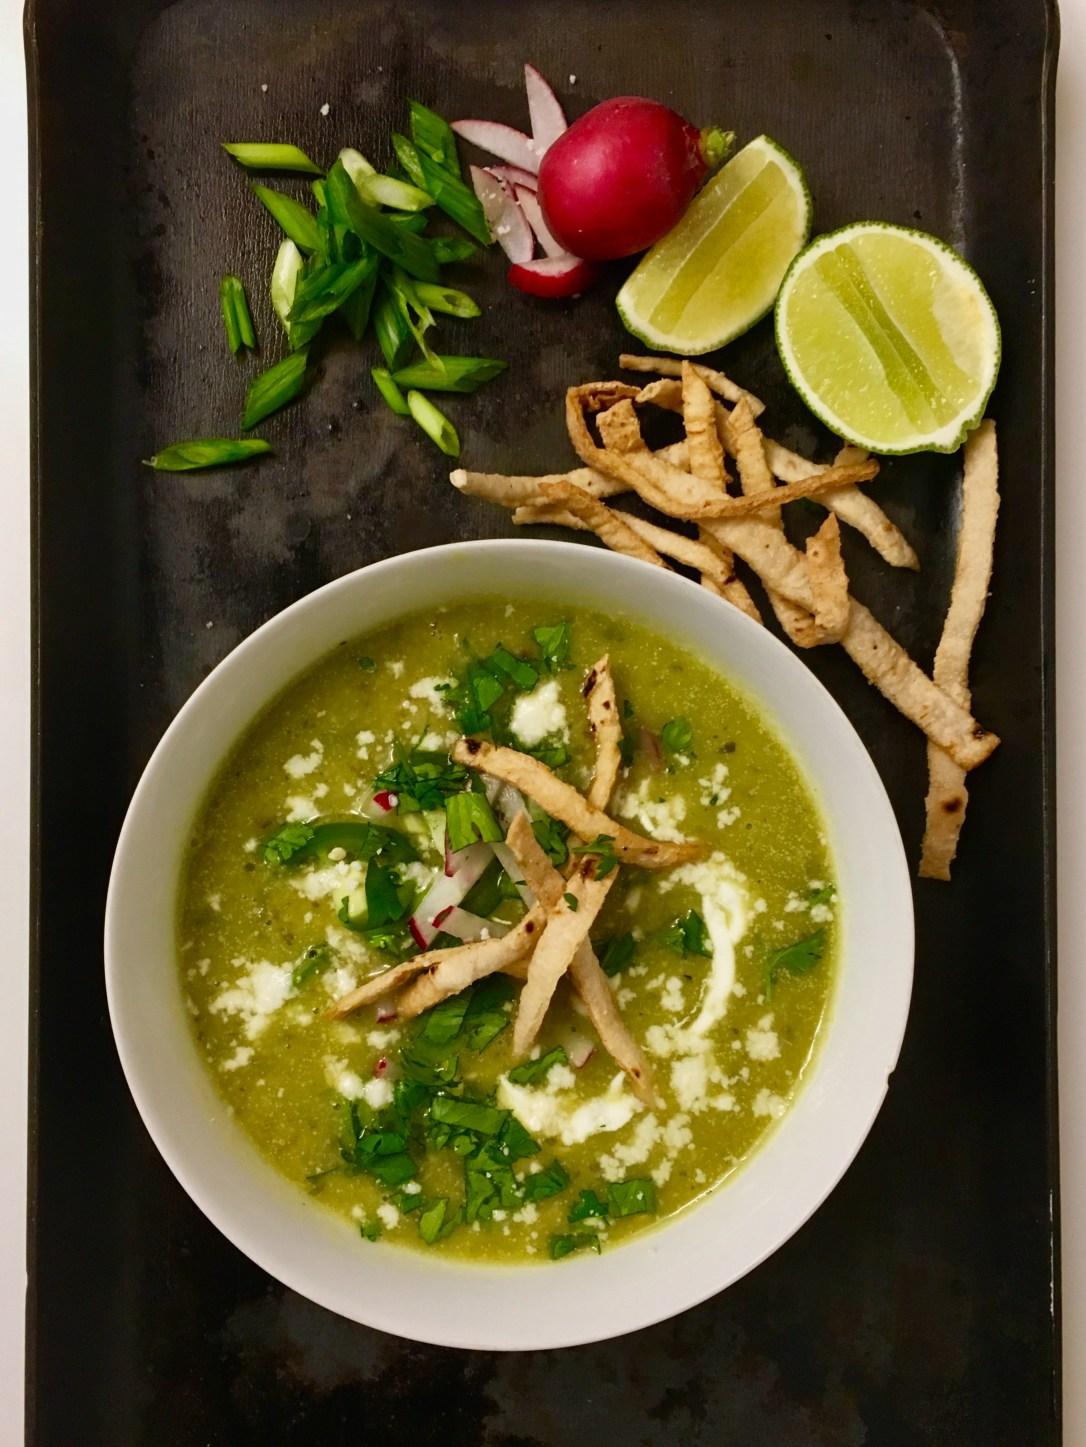 spicy chicken avocado soup